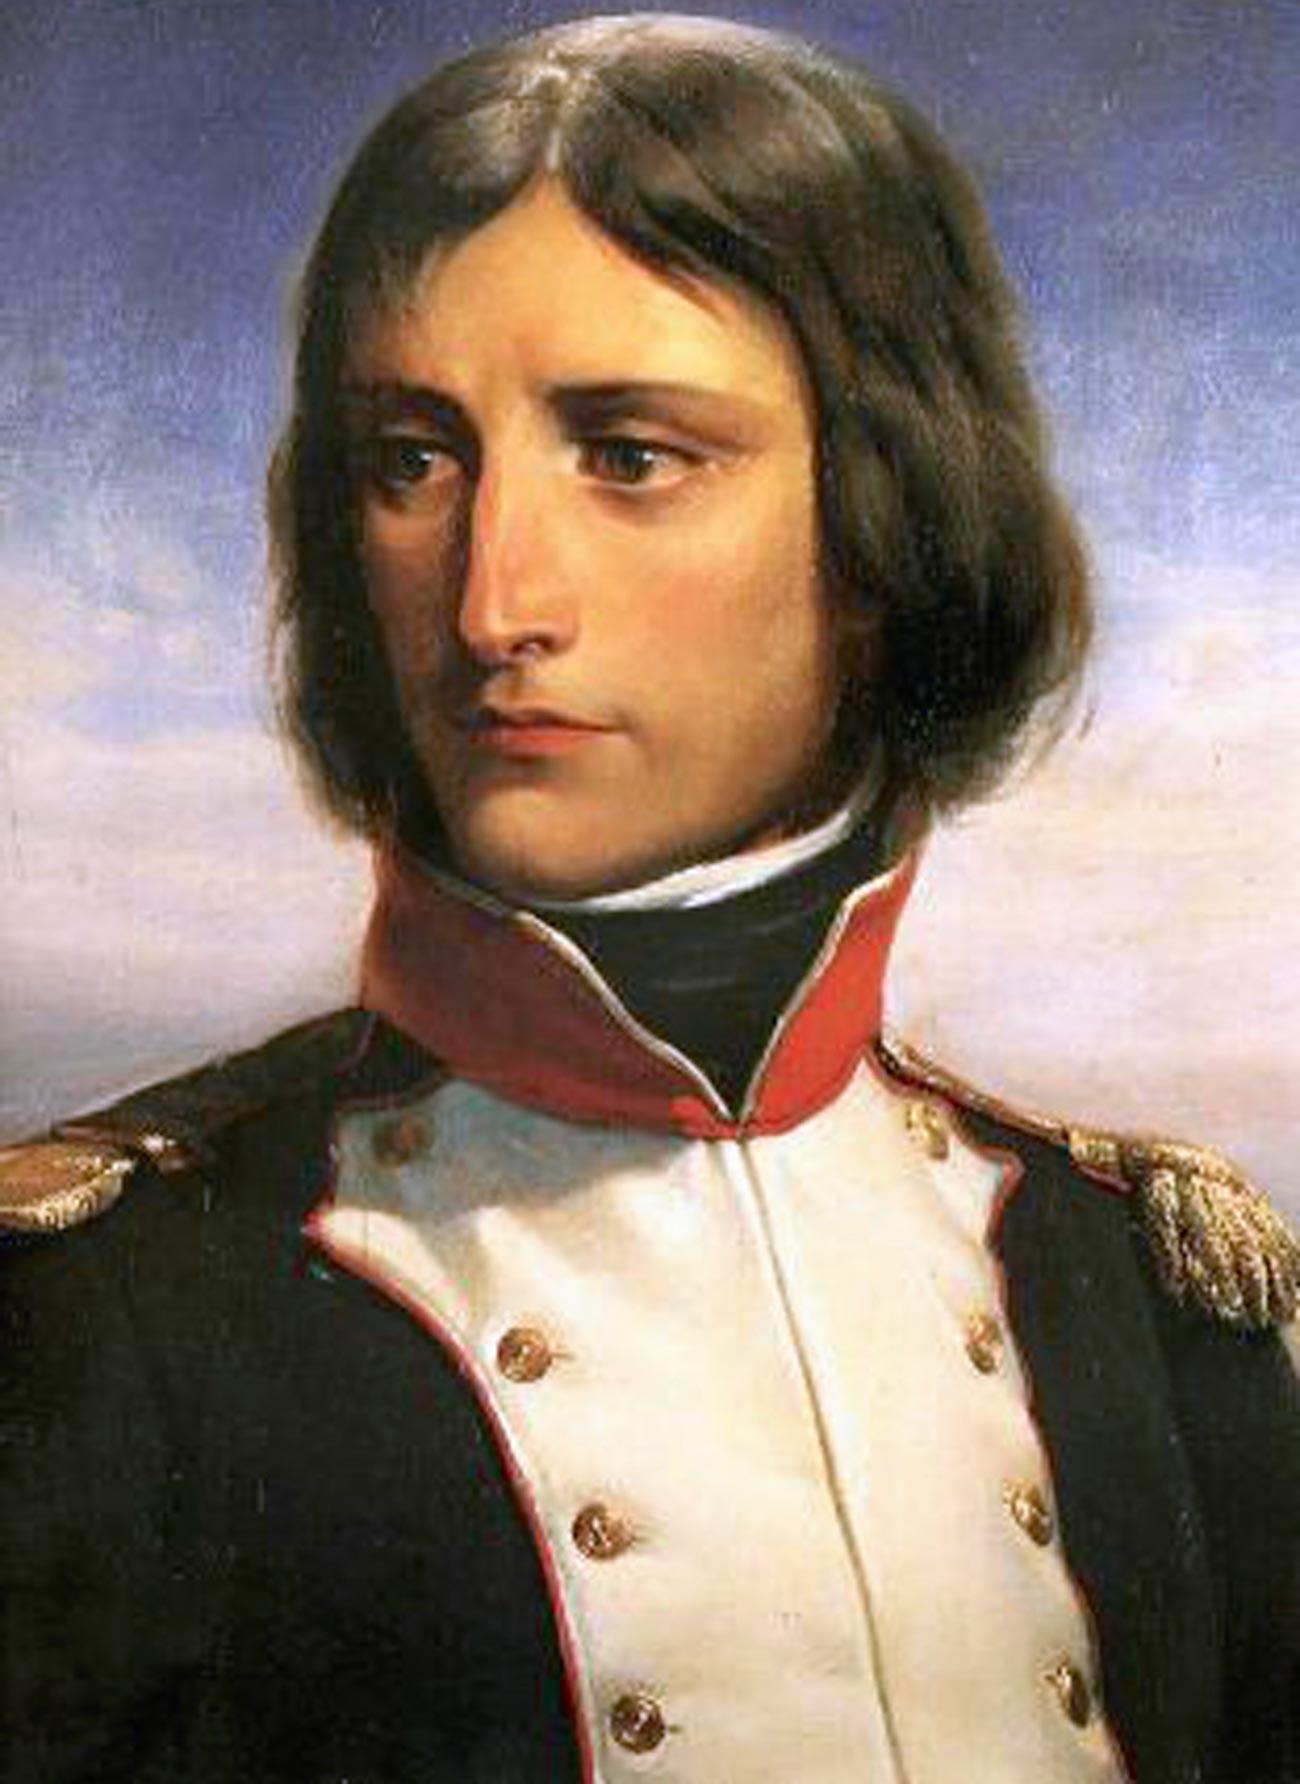 Наполеон Бонапарта 1792. године, потпуковник Првог корзиканског батаљона Националне гарде.